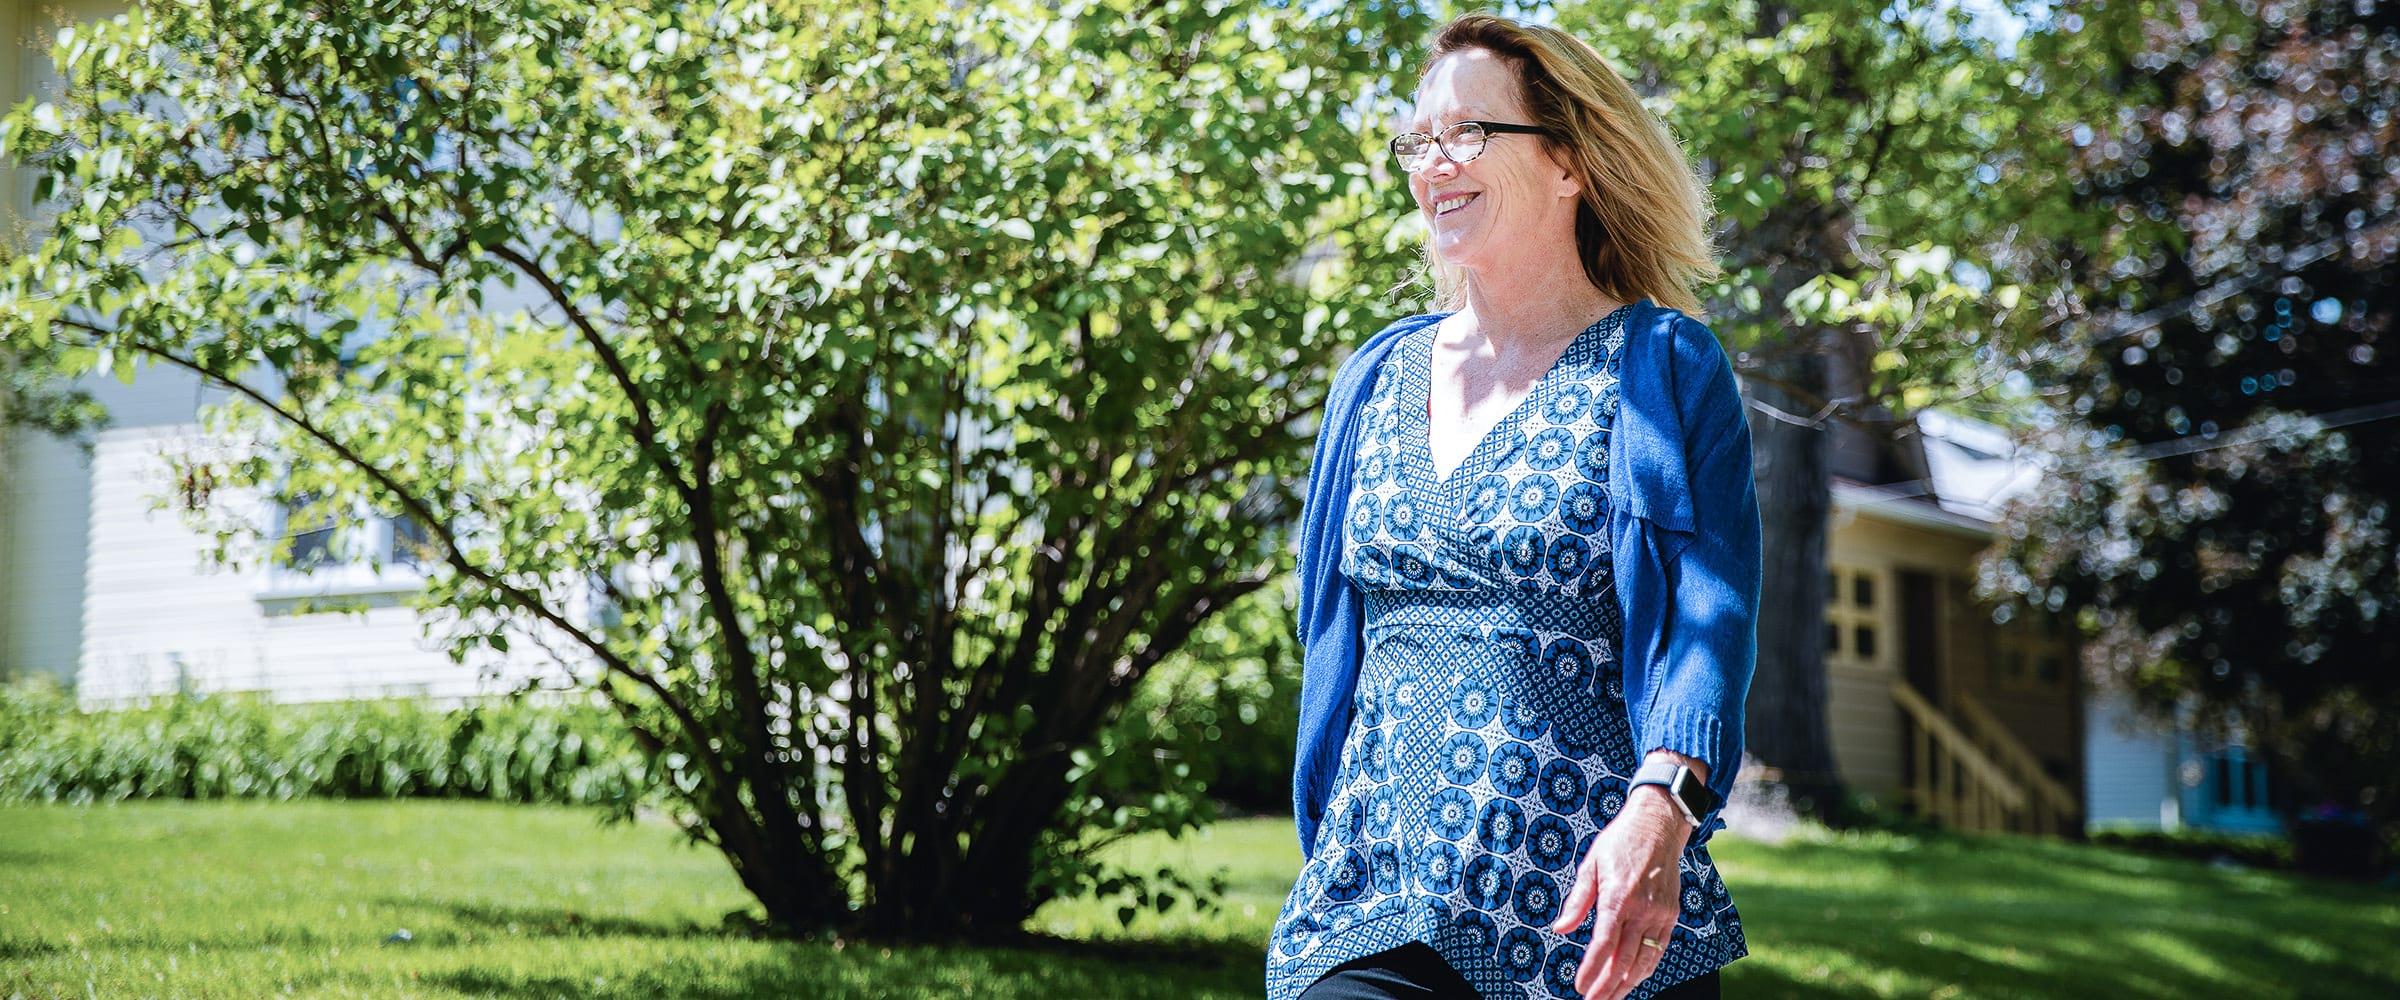 A woman in a blue dress walking outside